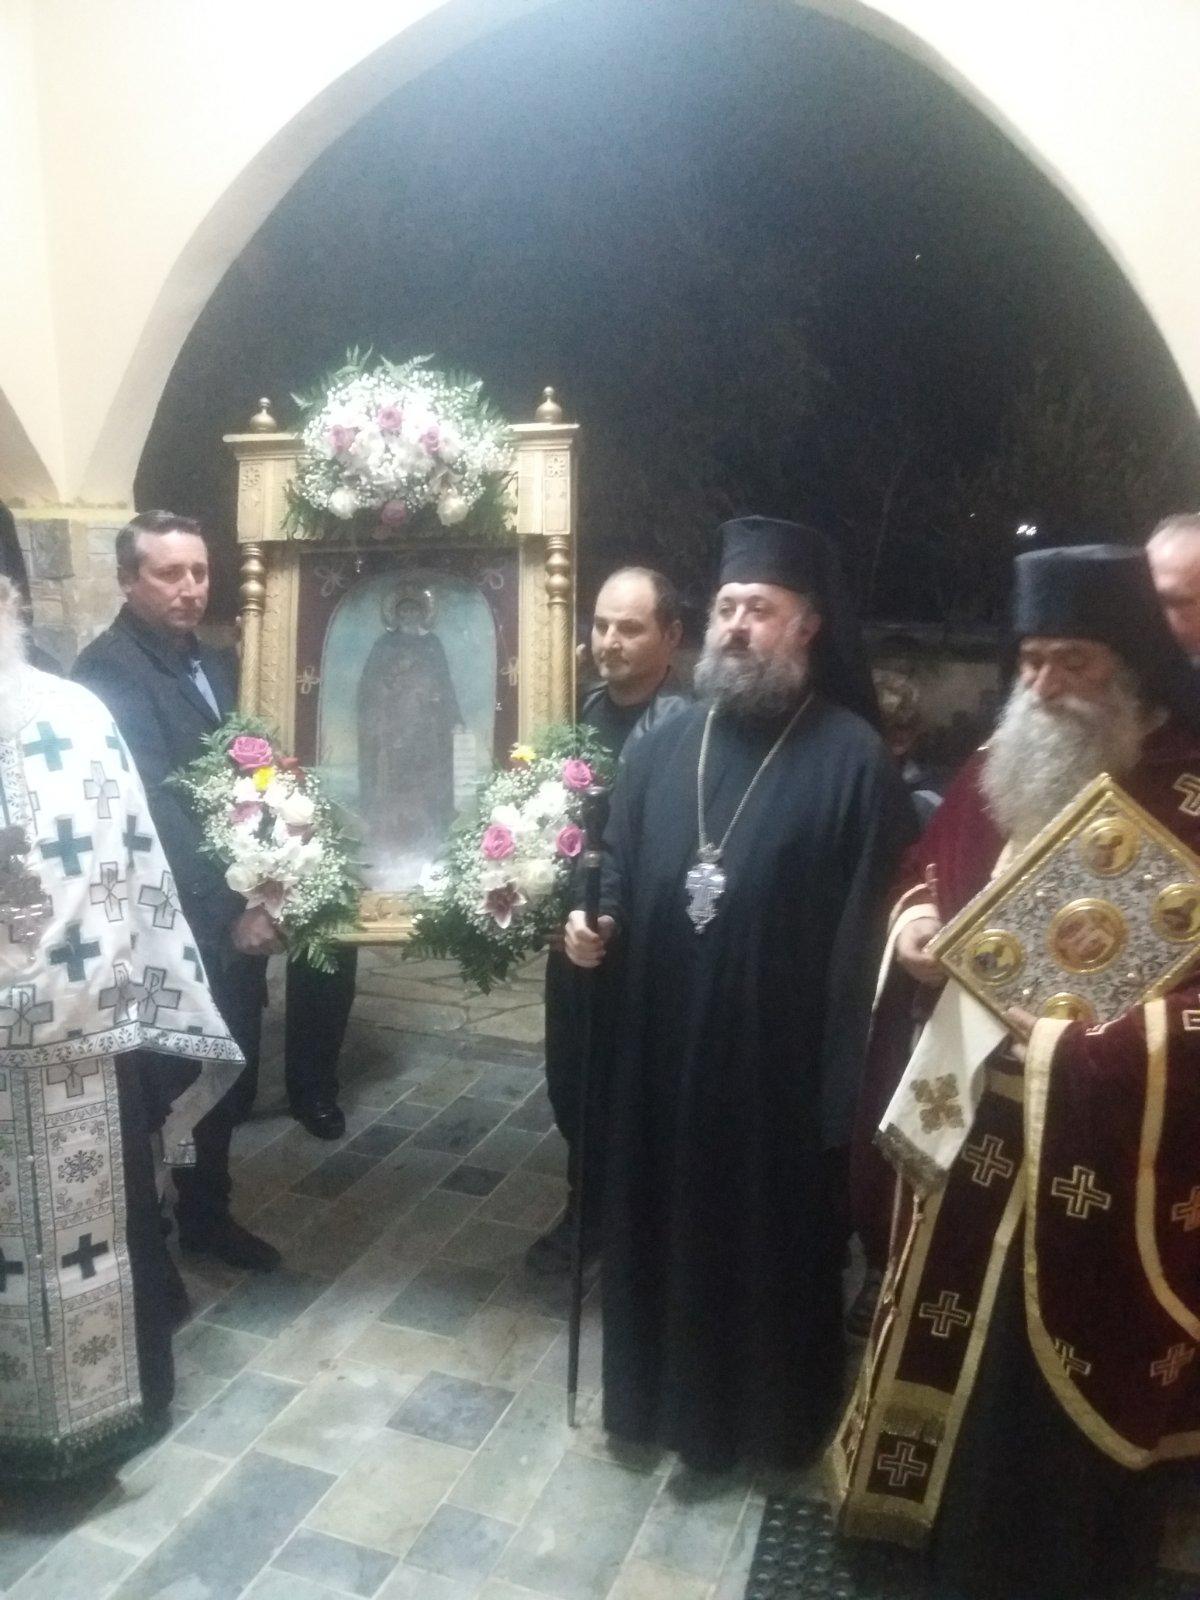 Με μεγαλοπρέπεια ο εσπερινός της εορτής του Αγίου Αντωνίου στην Όσσα